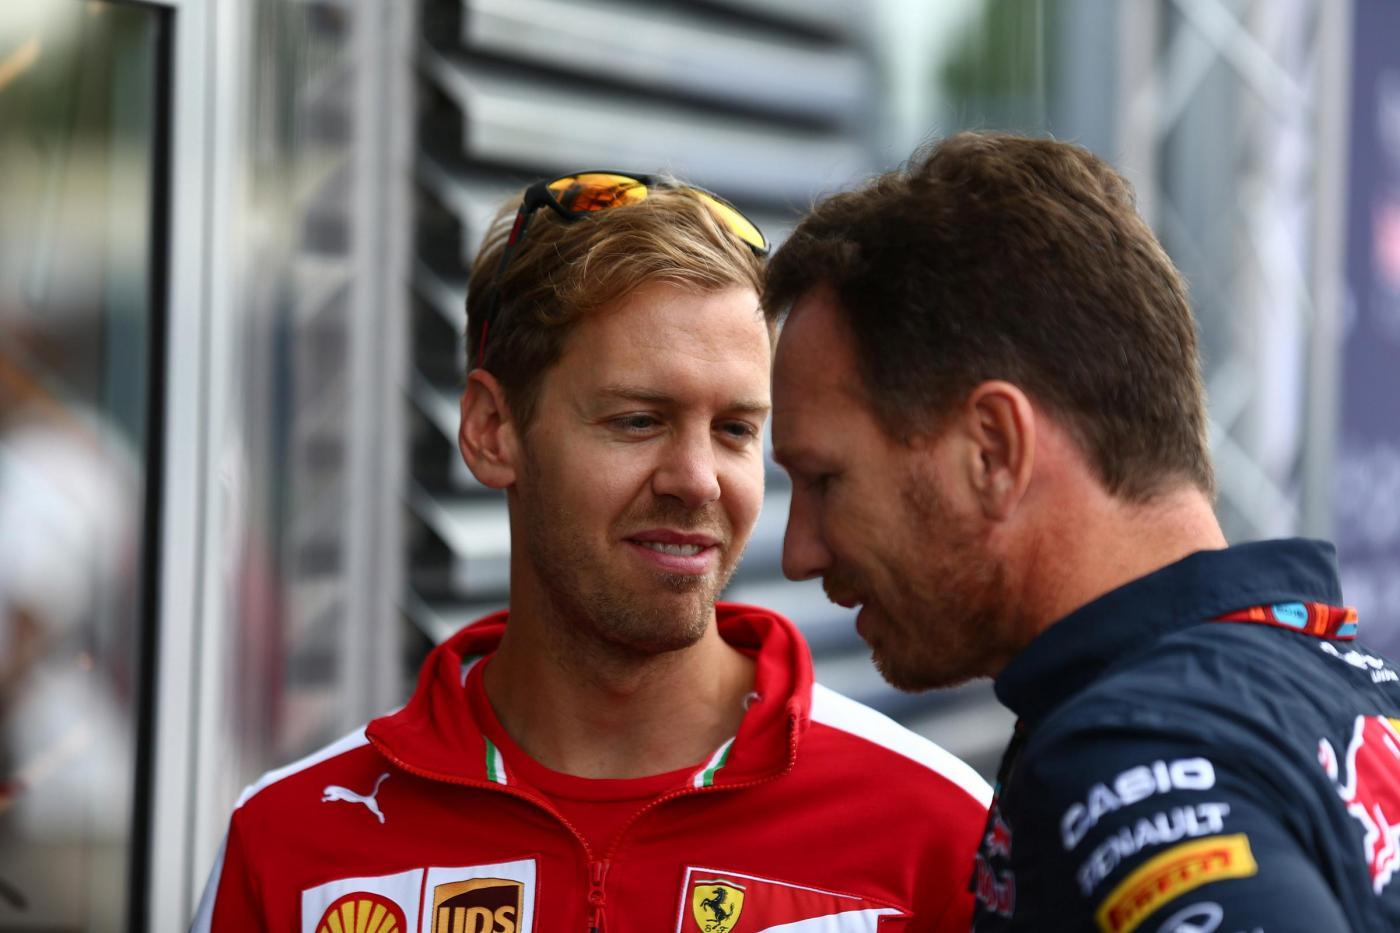 Hamilton punge la Ferrari Hanno un trucco per andare forte - FORMULA 1